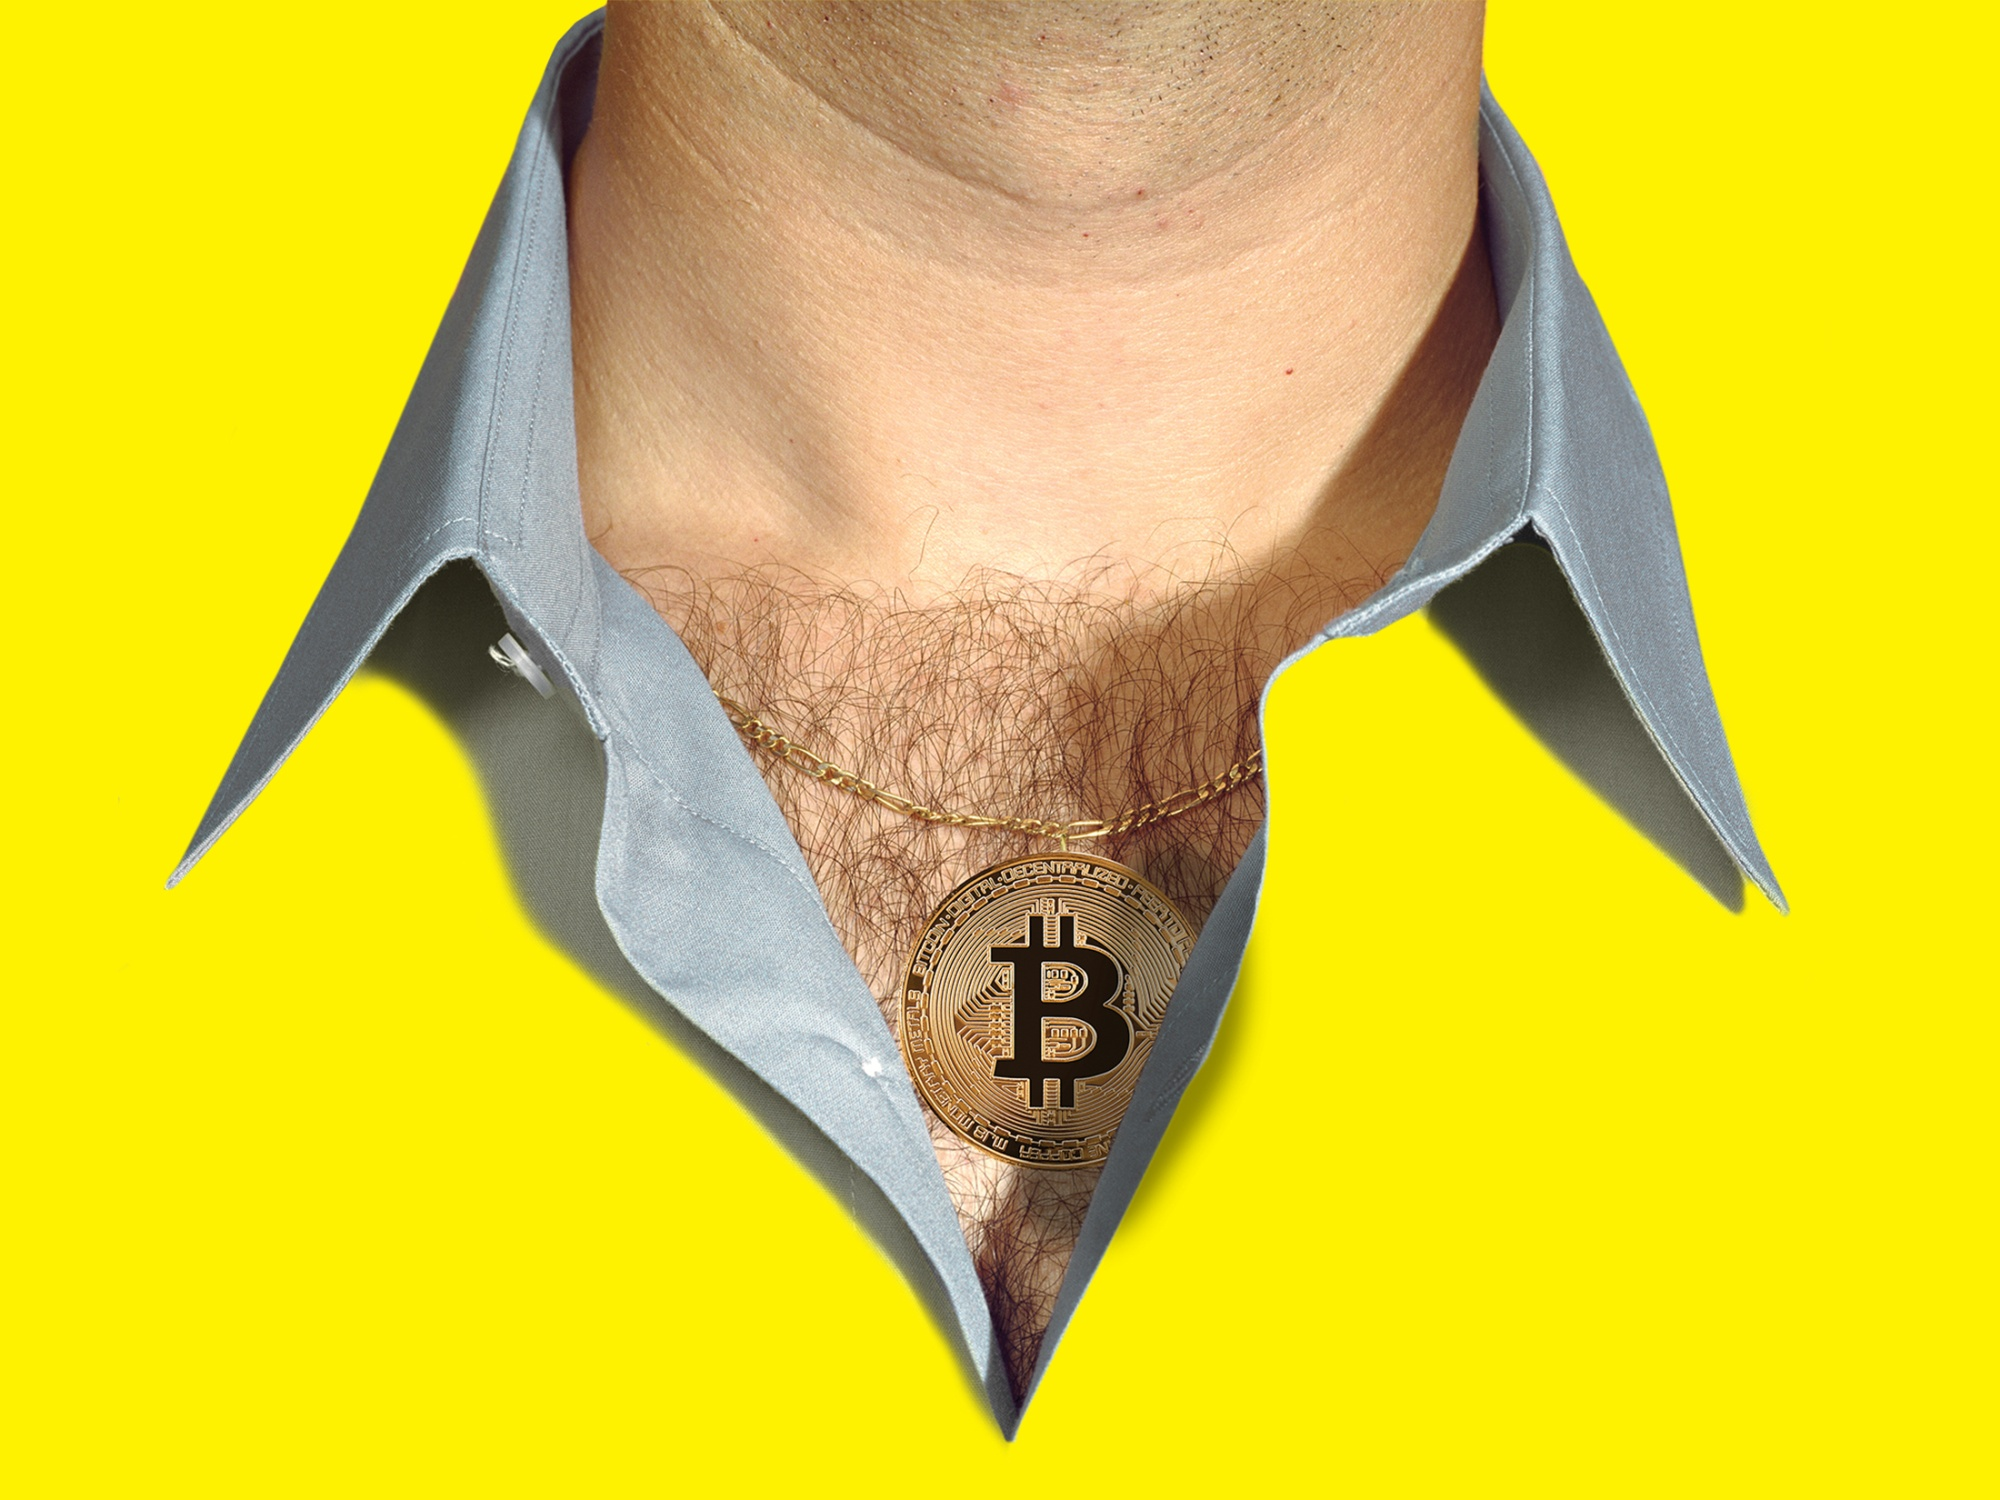 wat yra een bitcoin